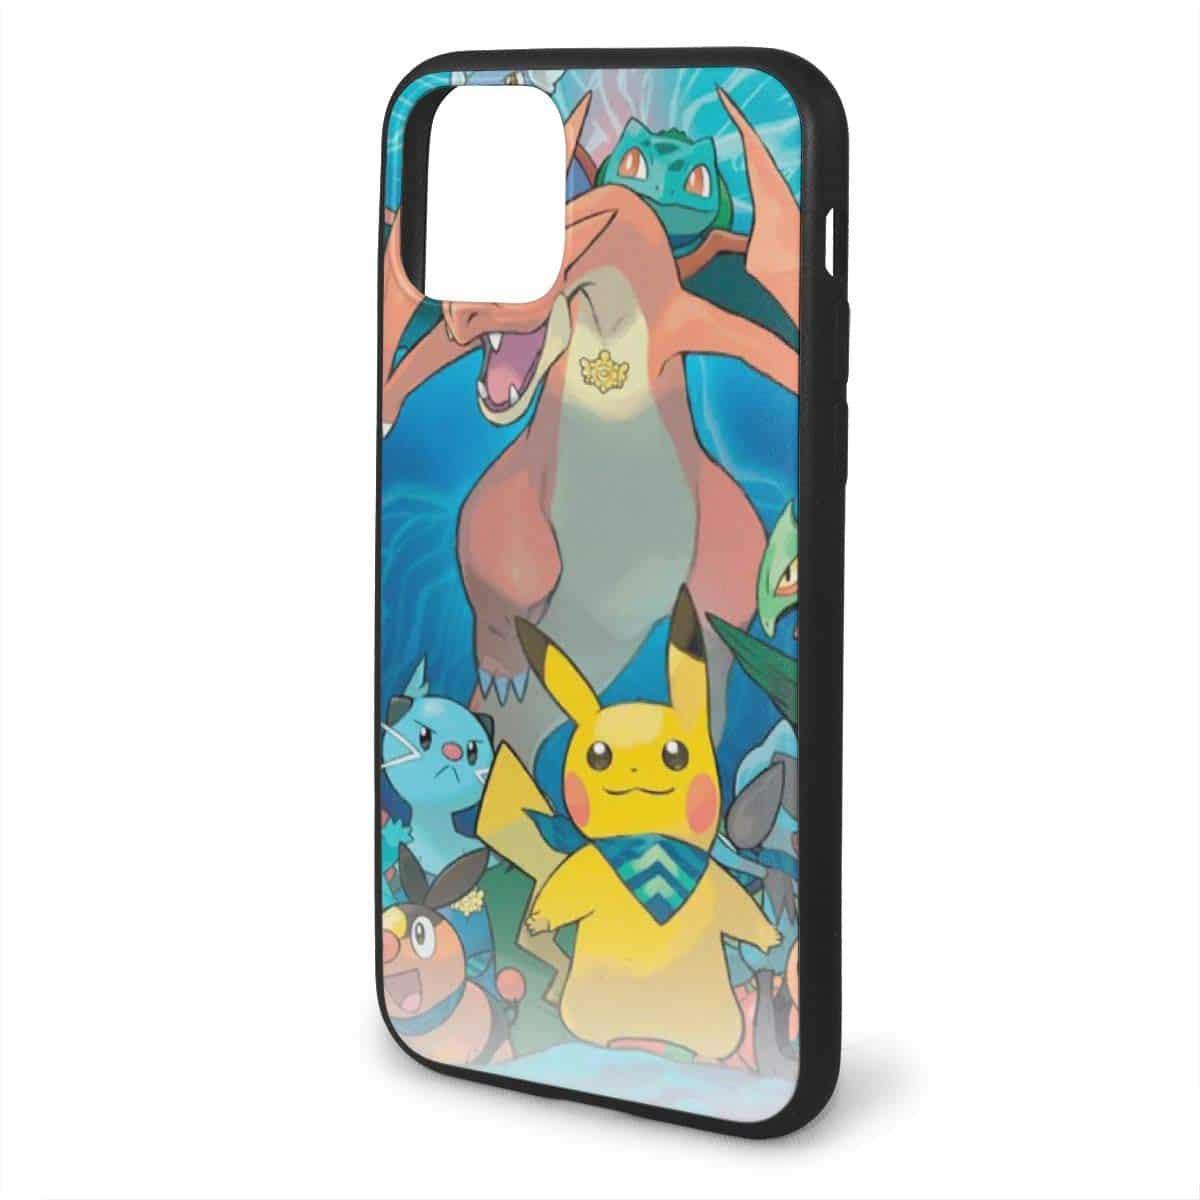 Iphone 11 ケース Pokemon スマホカバー